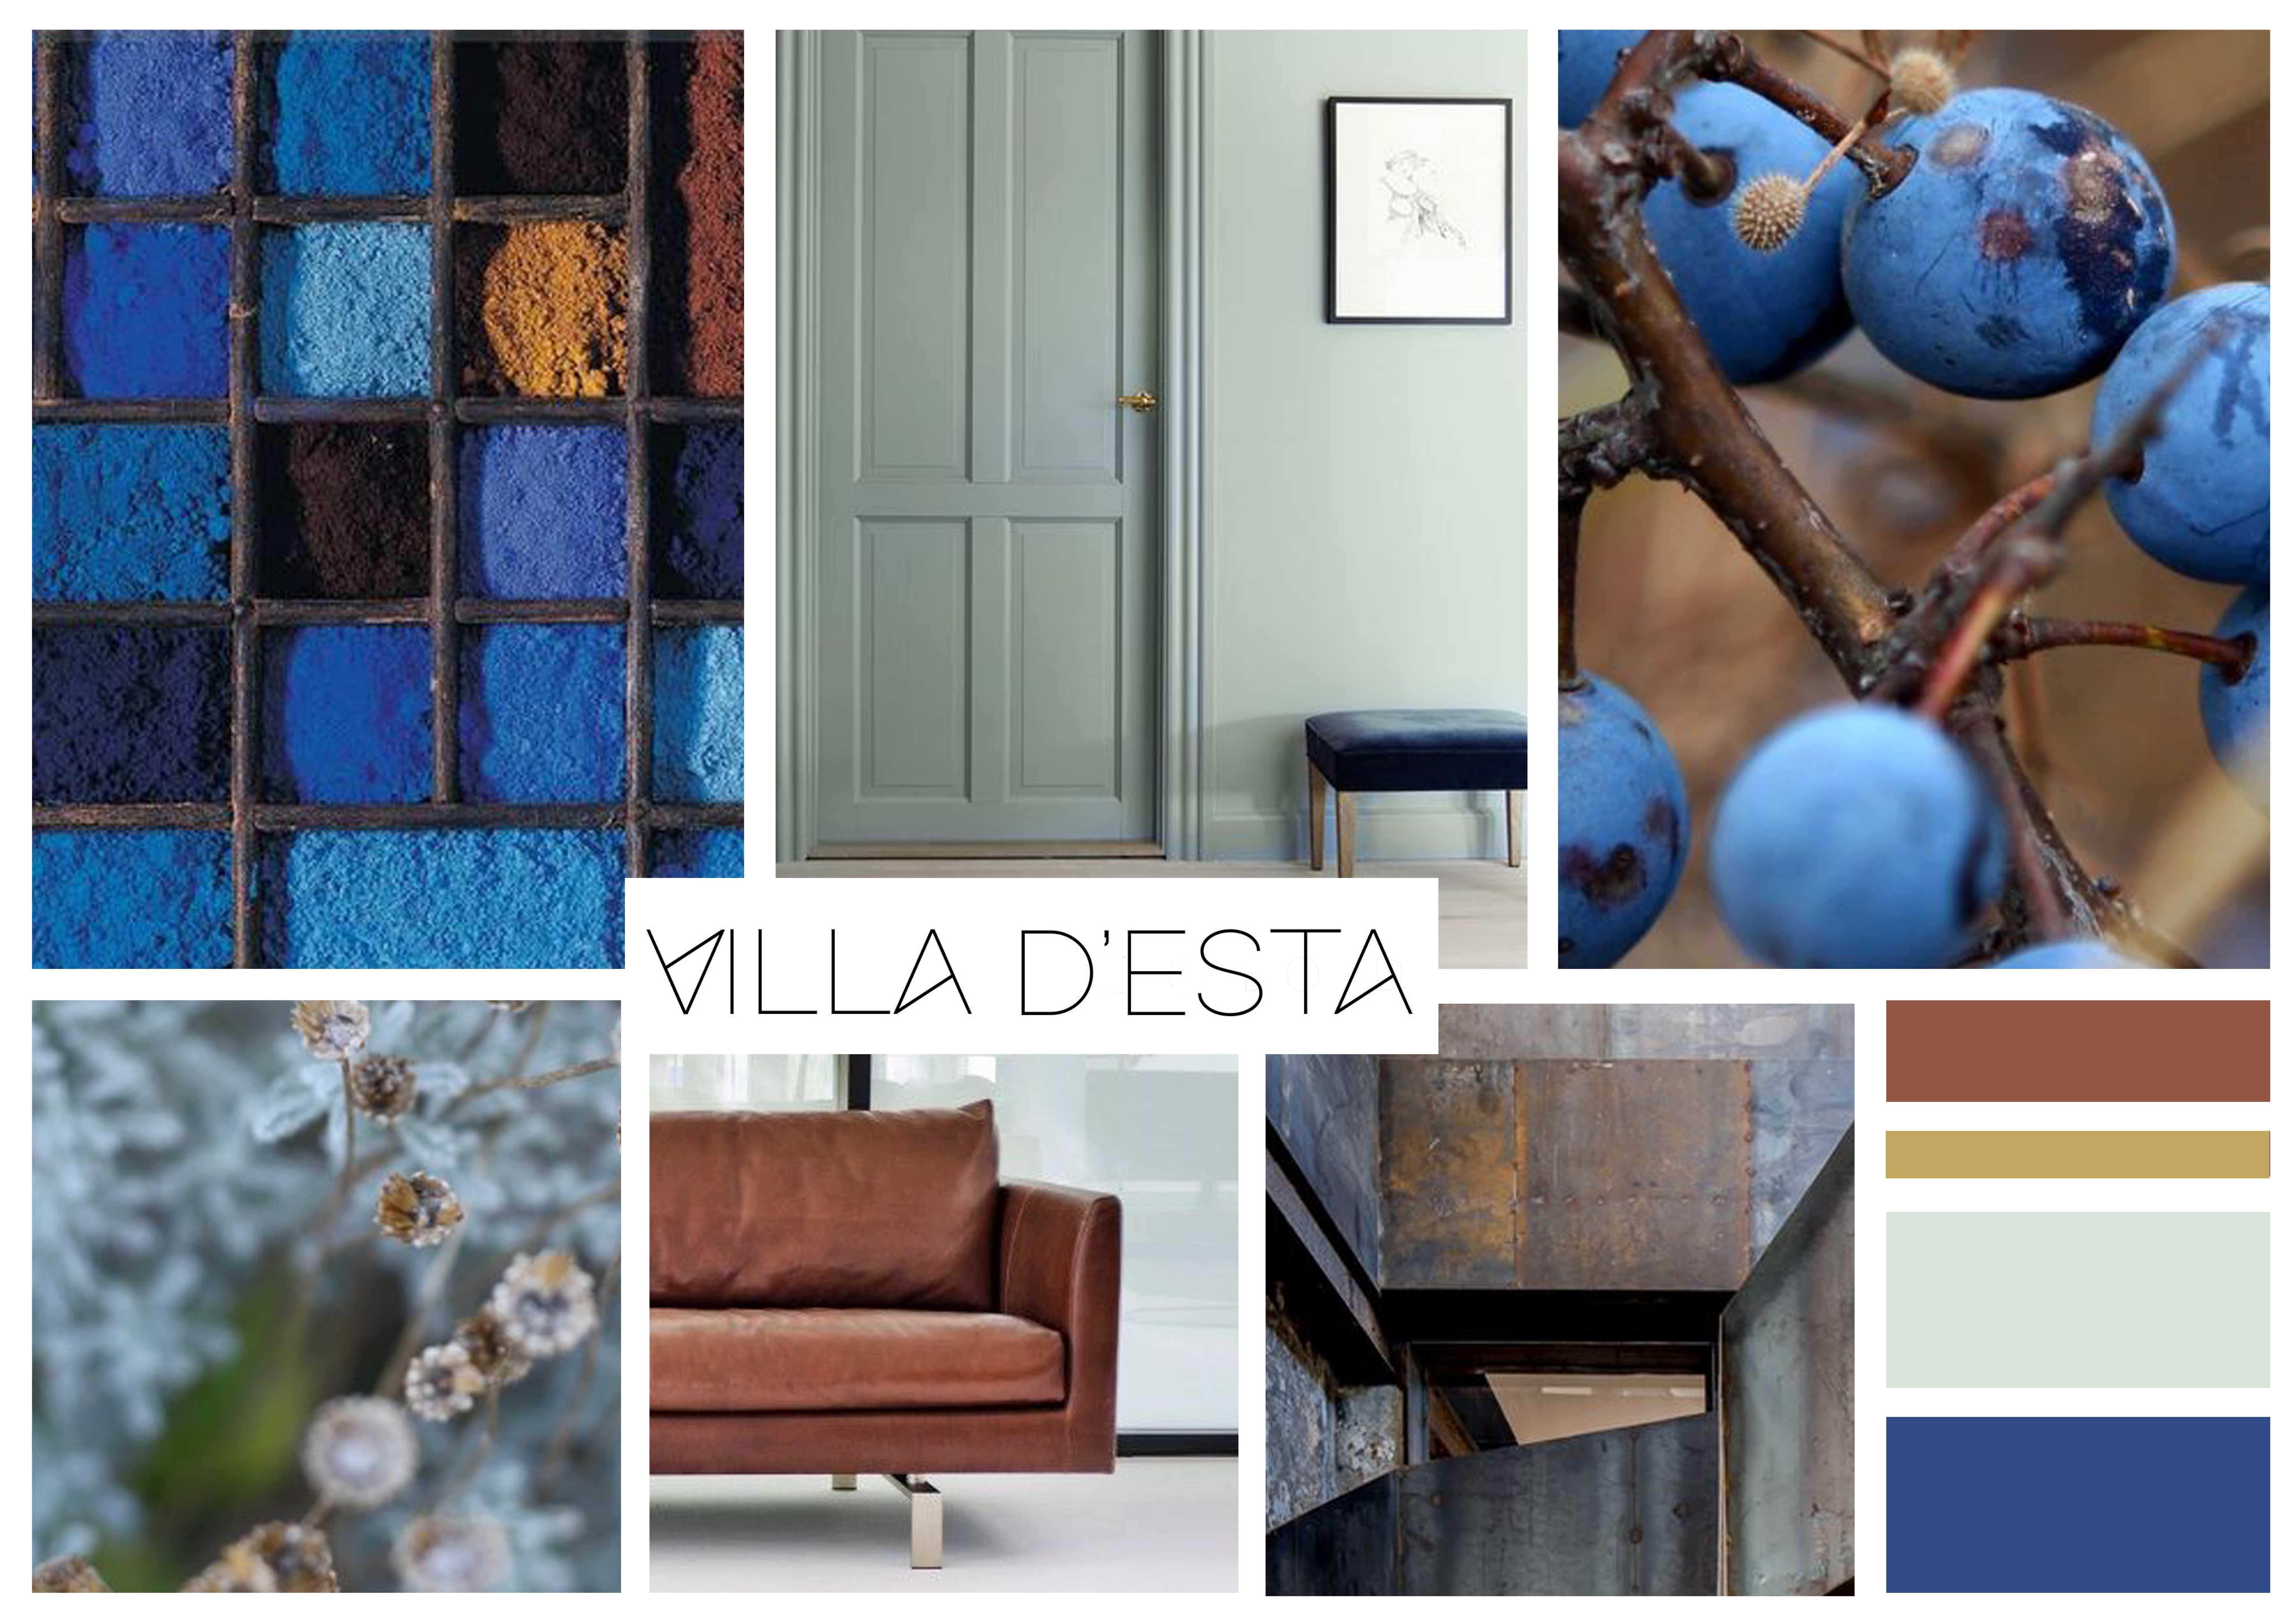 Interieurtraject | Een interieur met meer kleur en lef